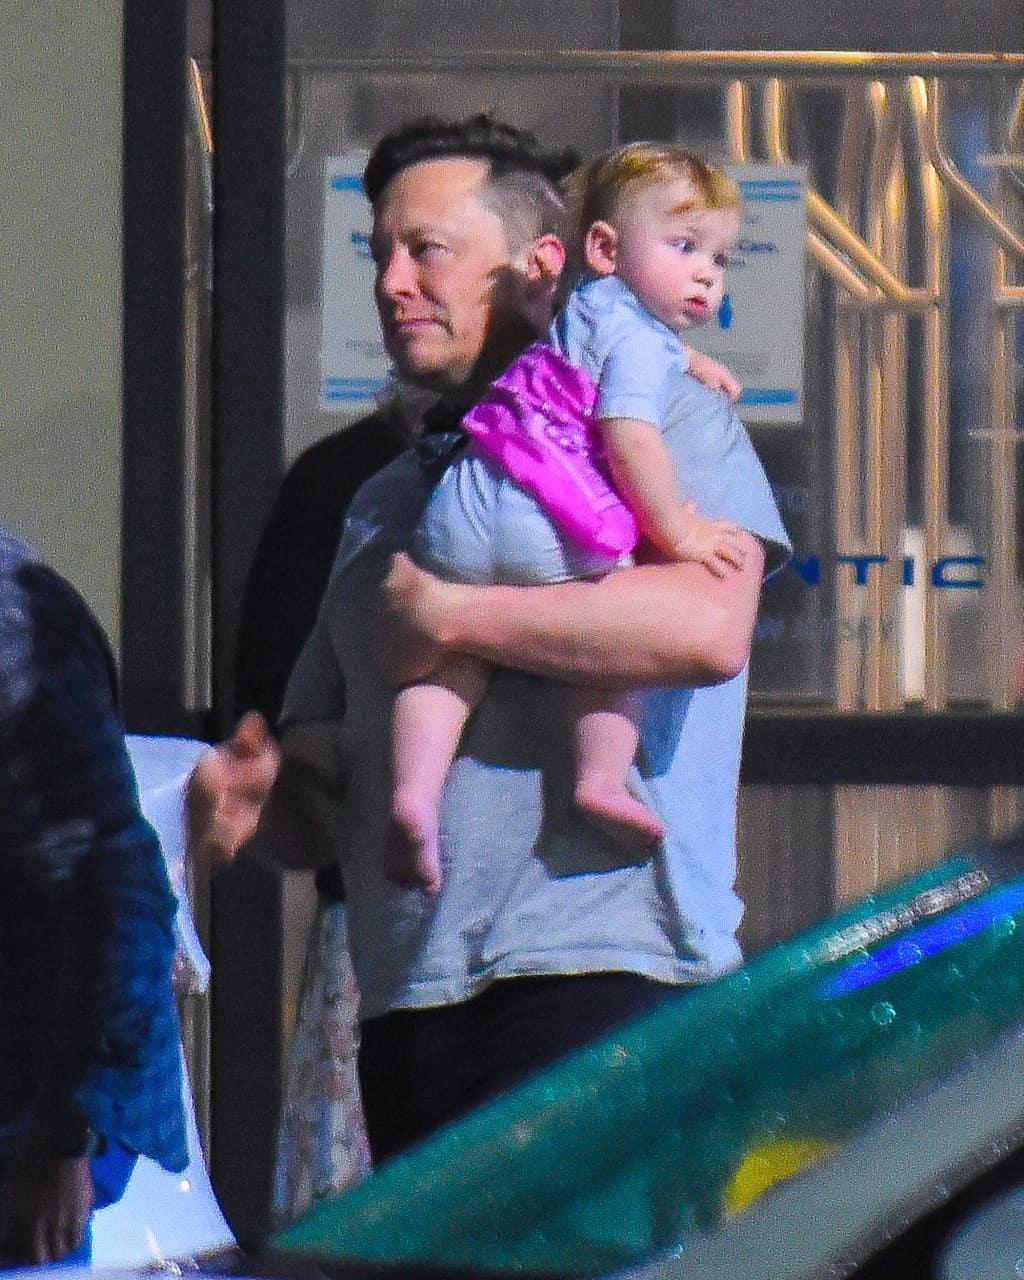 Илон Маск попался на фото с подросшим малышом Икс